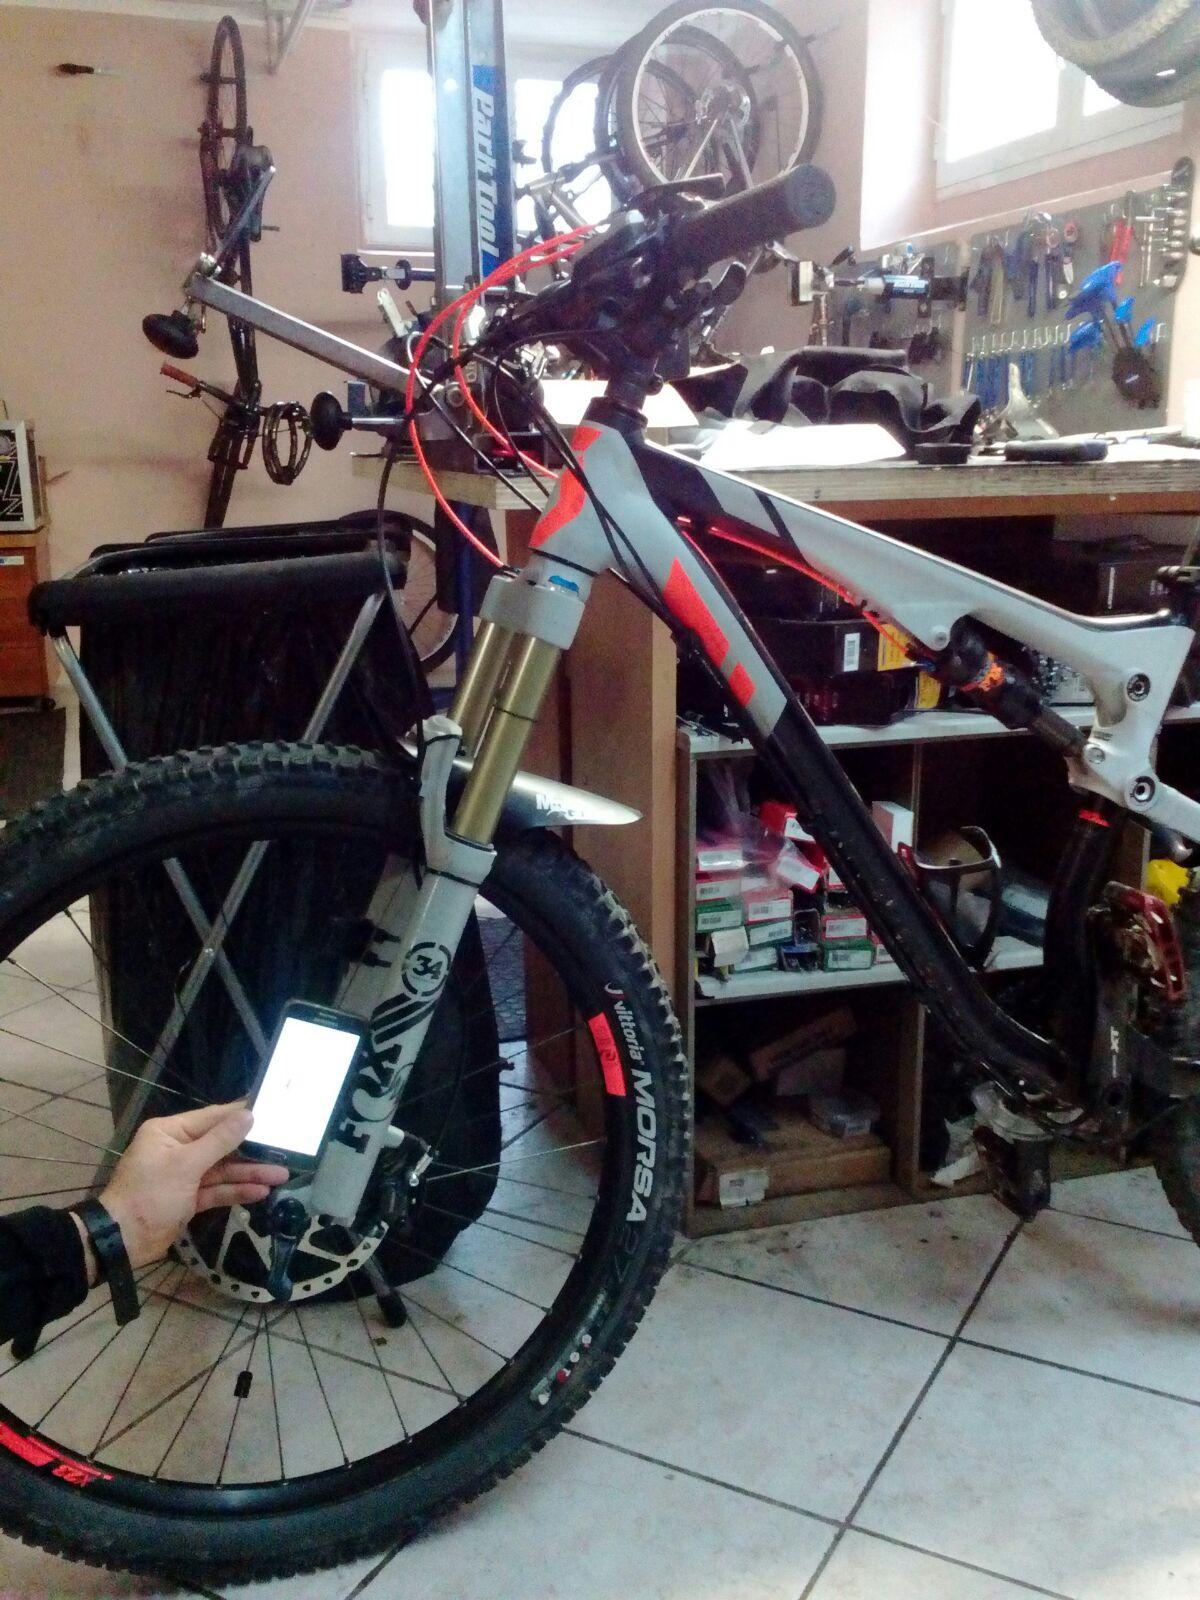 Tuning geometria telaio all mountain - Dottorbike.it Rozzano Milano